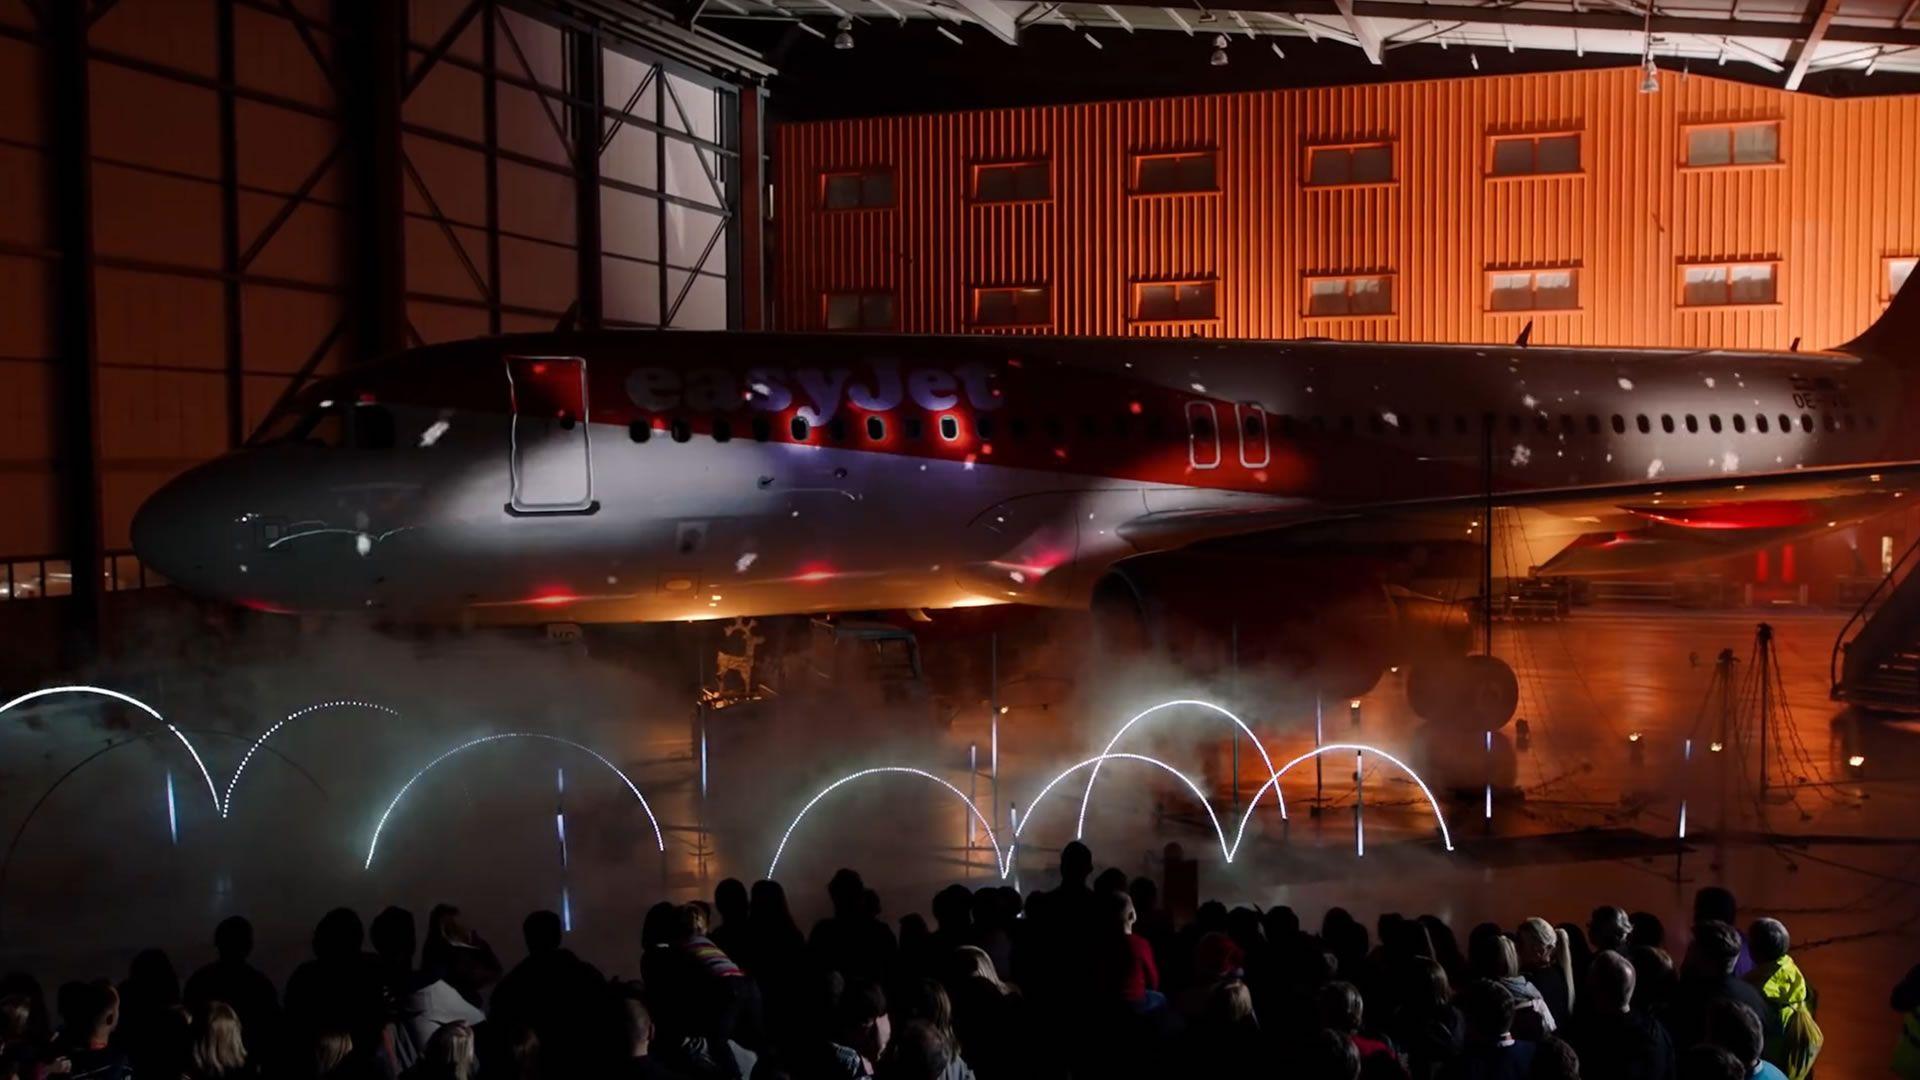 Un show de luces de Navidad más que original en un avión: video